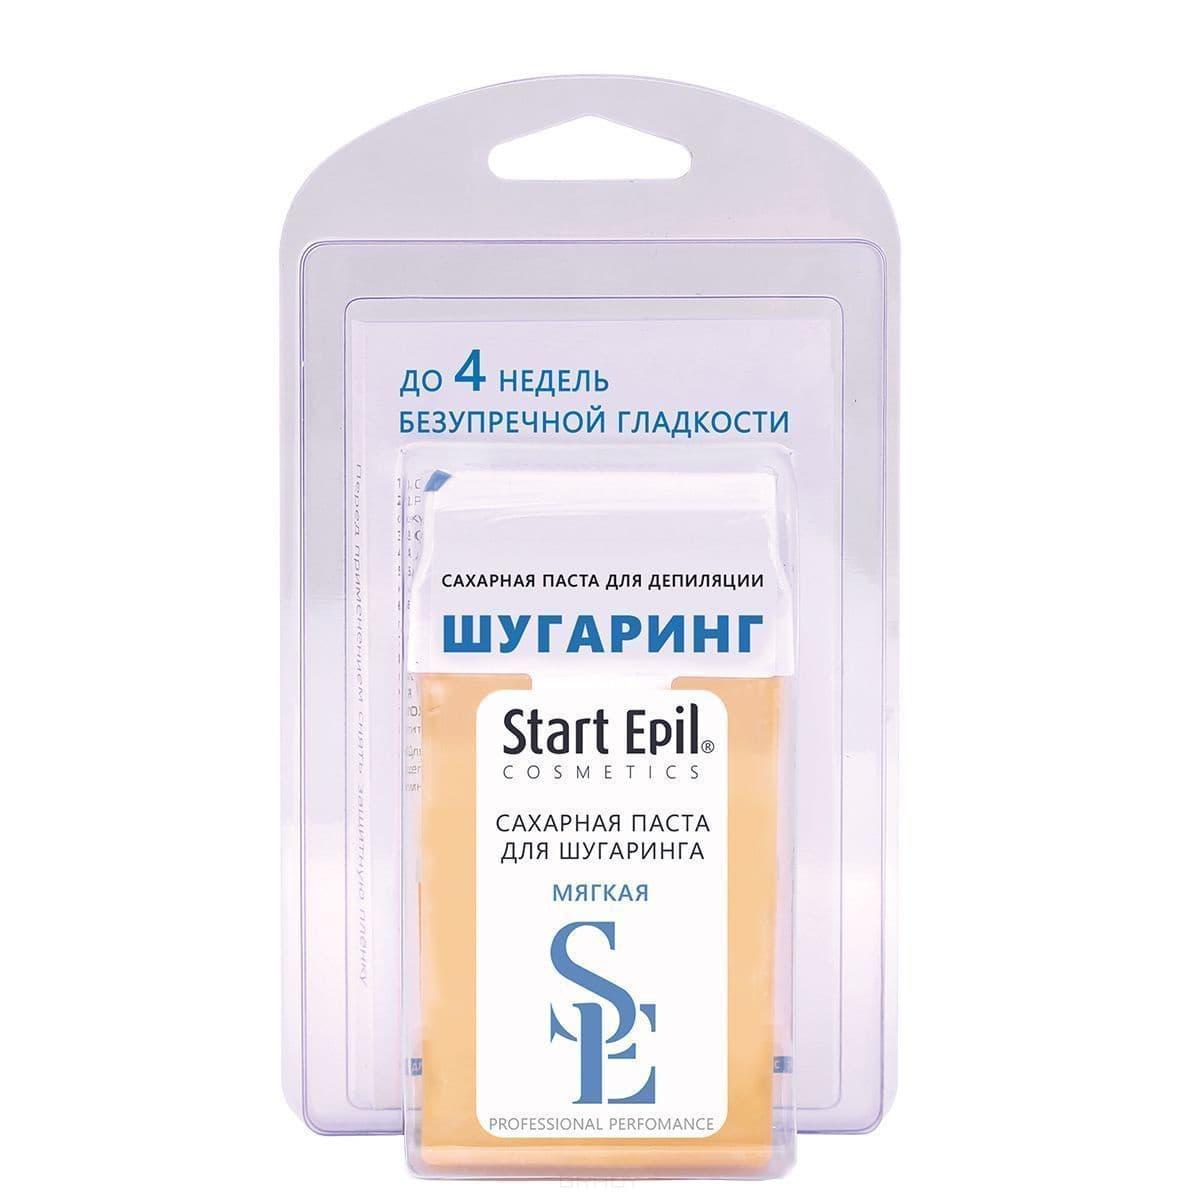 Купить Start Epil - Набор для шугаринга: сахарная паста в картридже Мягкая 100 г + полоски для депиляции